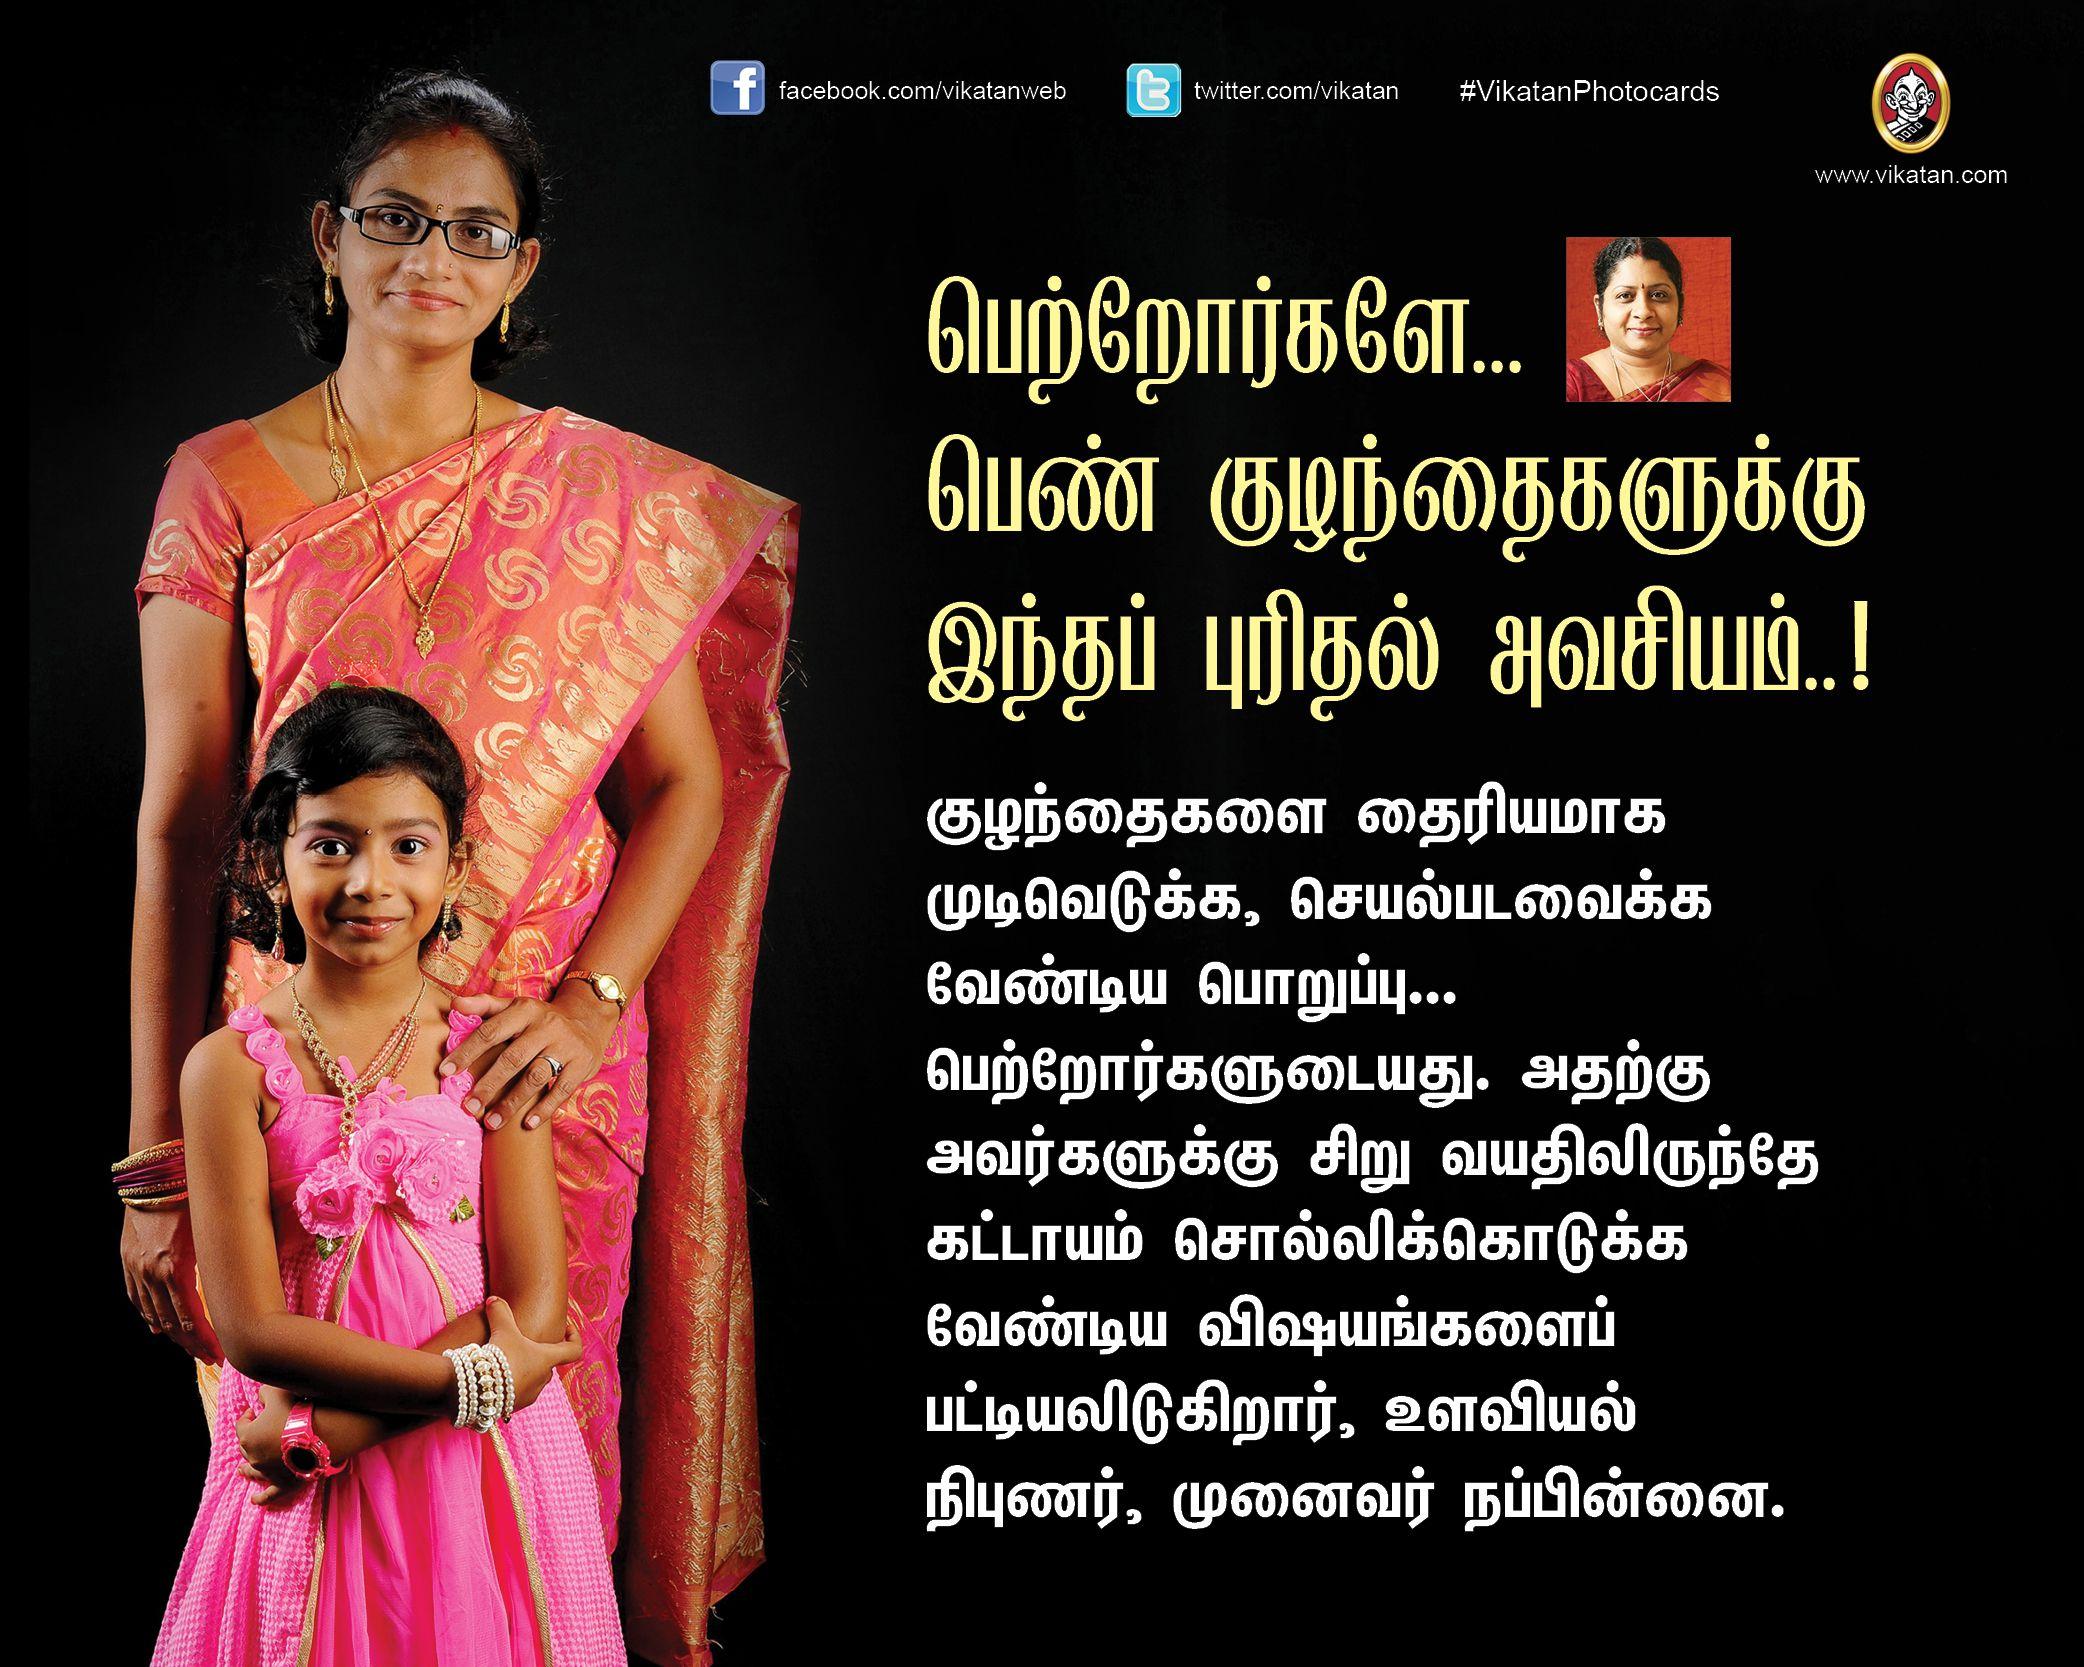 பெற்றோர்களே.... பெண் குழந்தைகளுக்கு இந்தப் புரிதல் அவசியம்! #VikatanPhotoCards